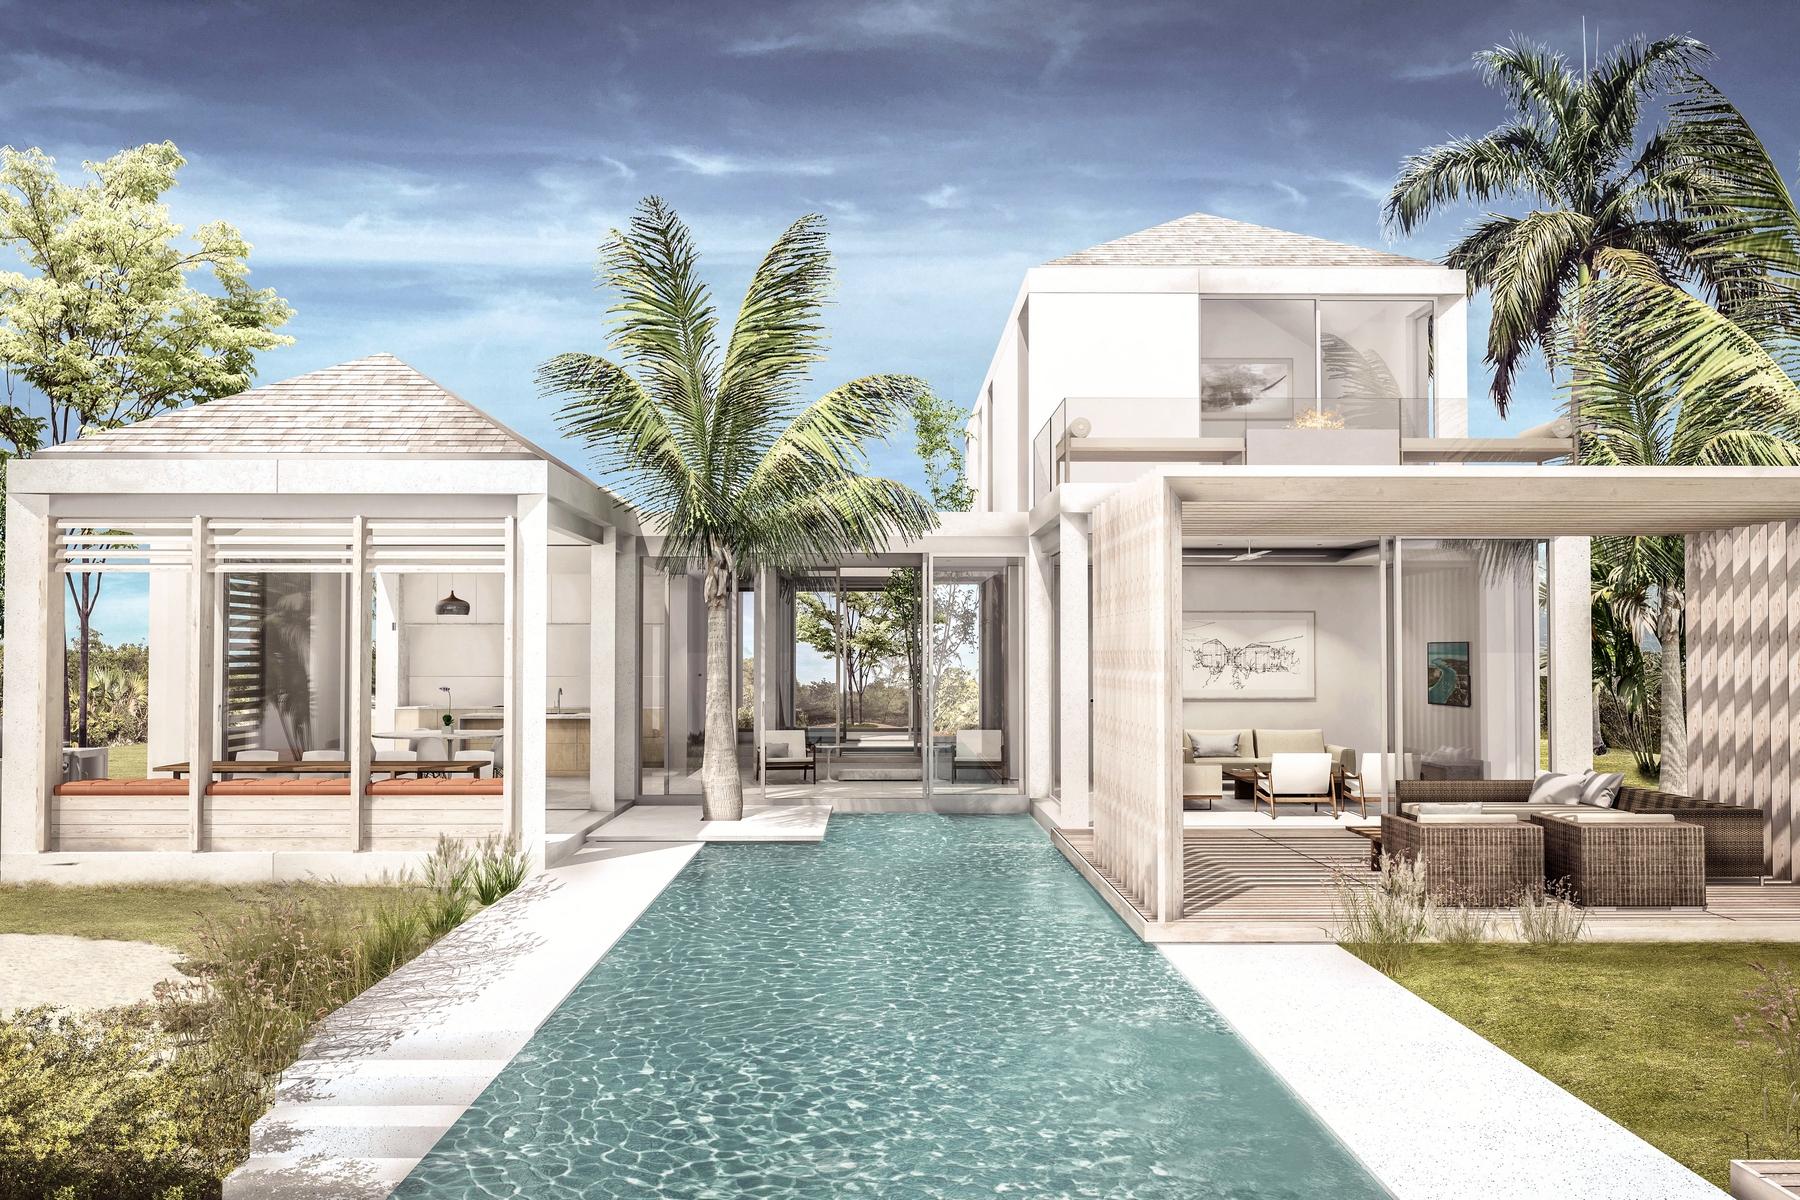 独户住宅 为 销售 在 Courtyard Canalfront Lot 10 Blue Cay Estate, Leeward, 普罗维登夏 特克斯和凯科斯群岛